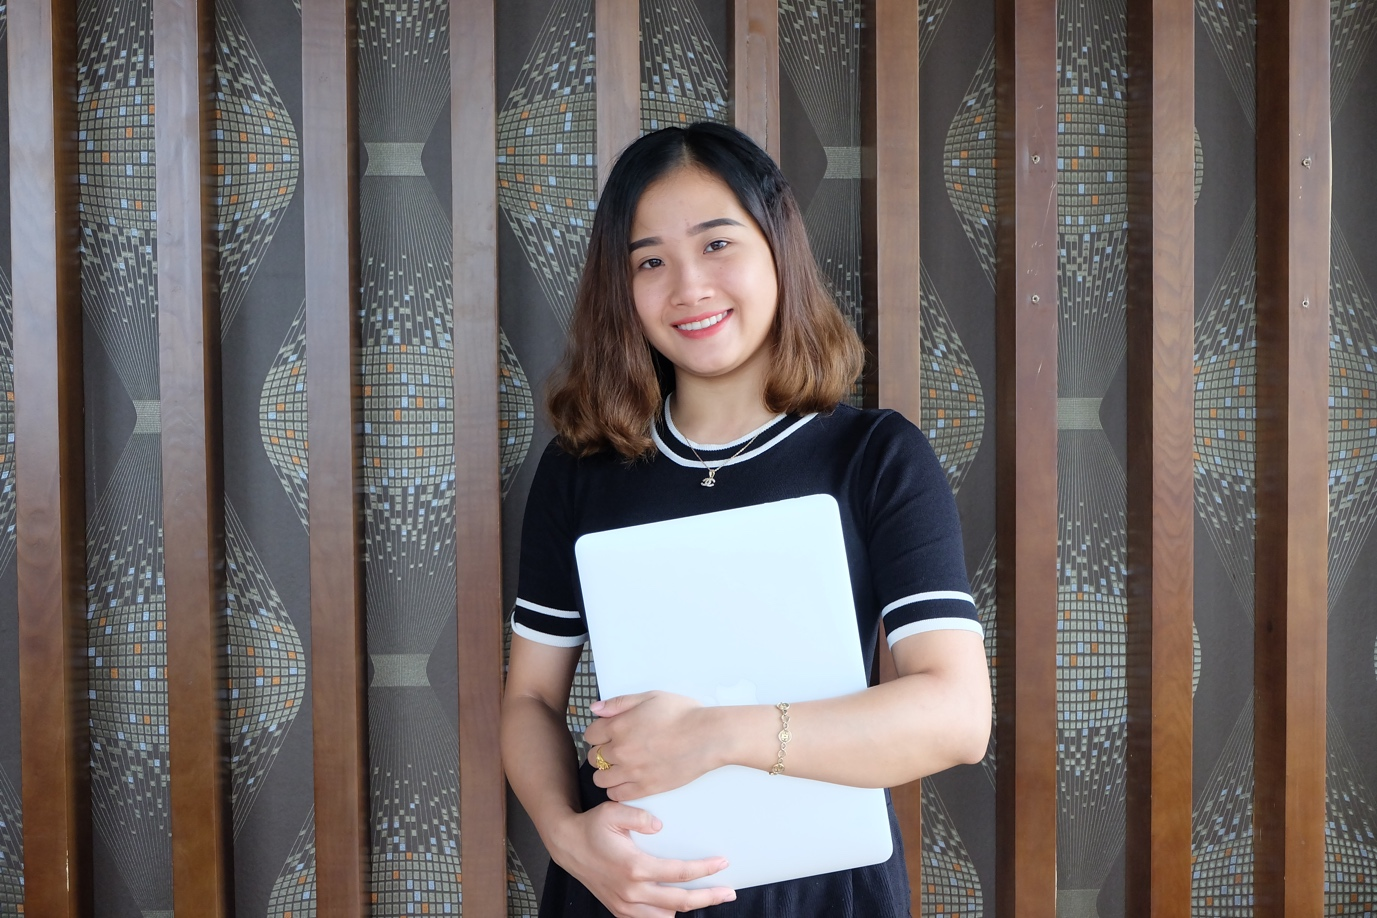 Sinh viên hiện đại làm chủ tài chính qua ứng dụng Fiin - Ảnh 2.